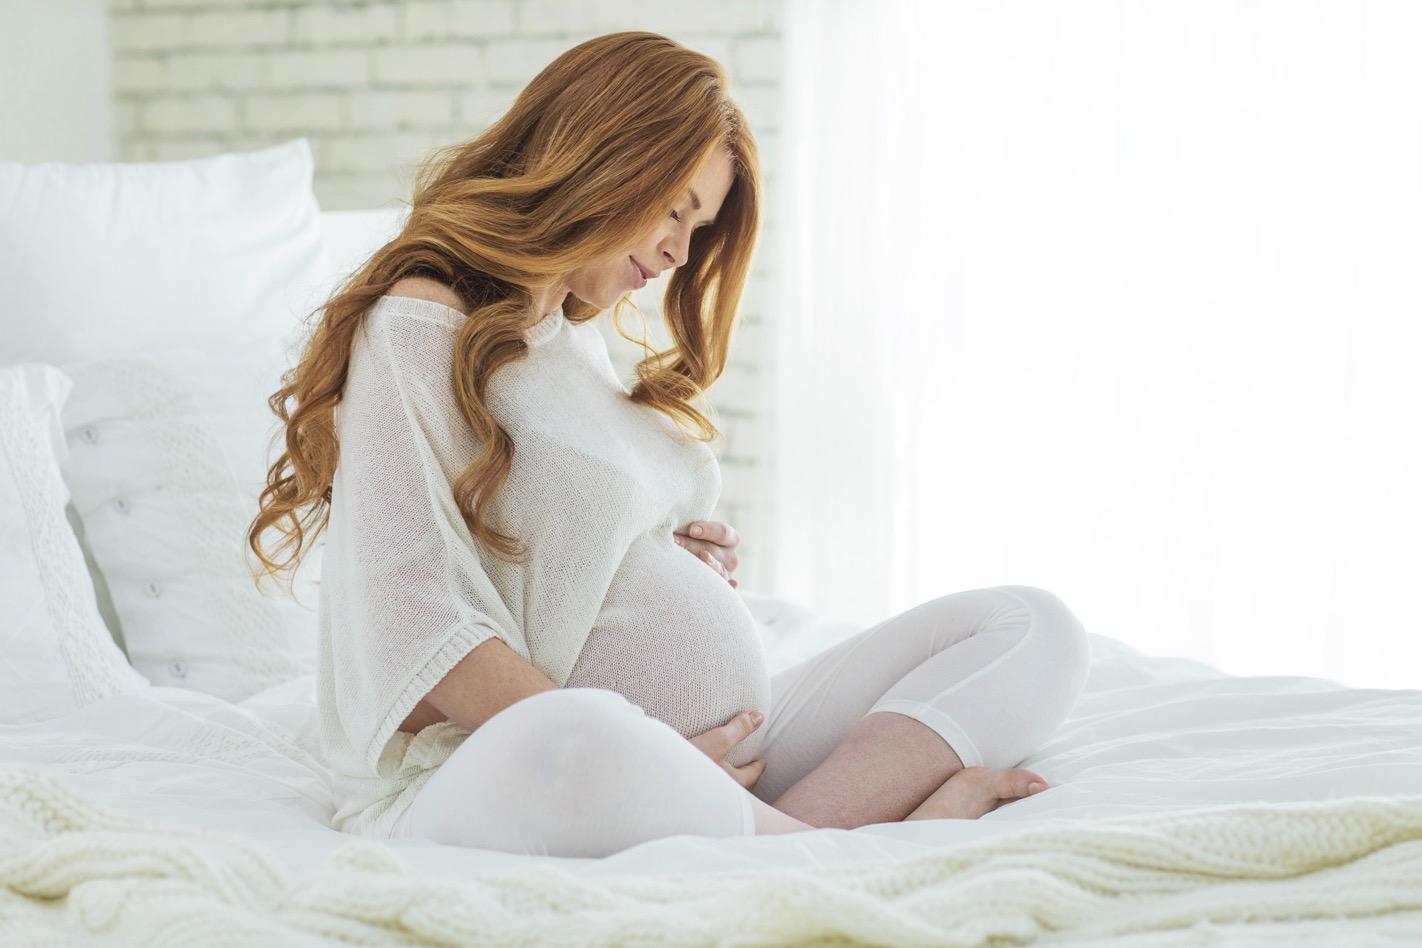 38° Settimana di Gravidanza: pancia dura, sintomi e movimenti fetali